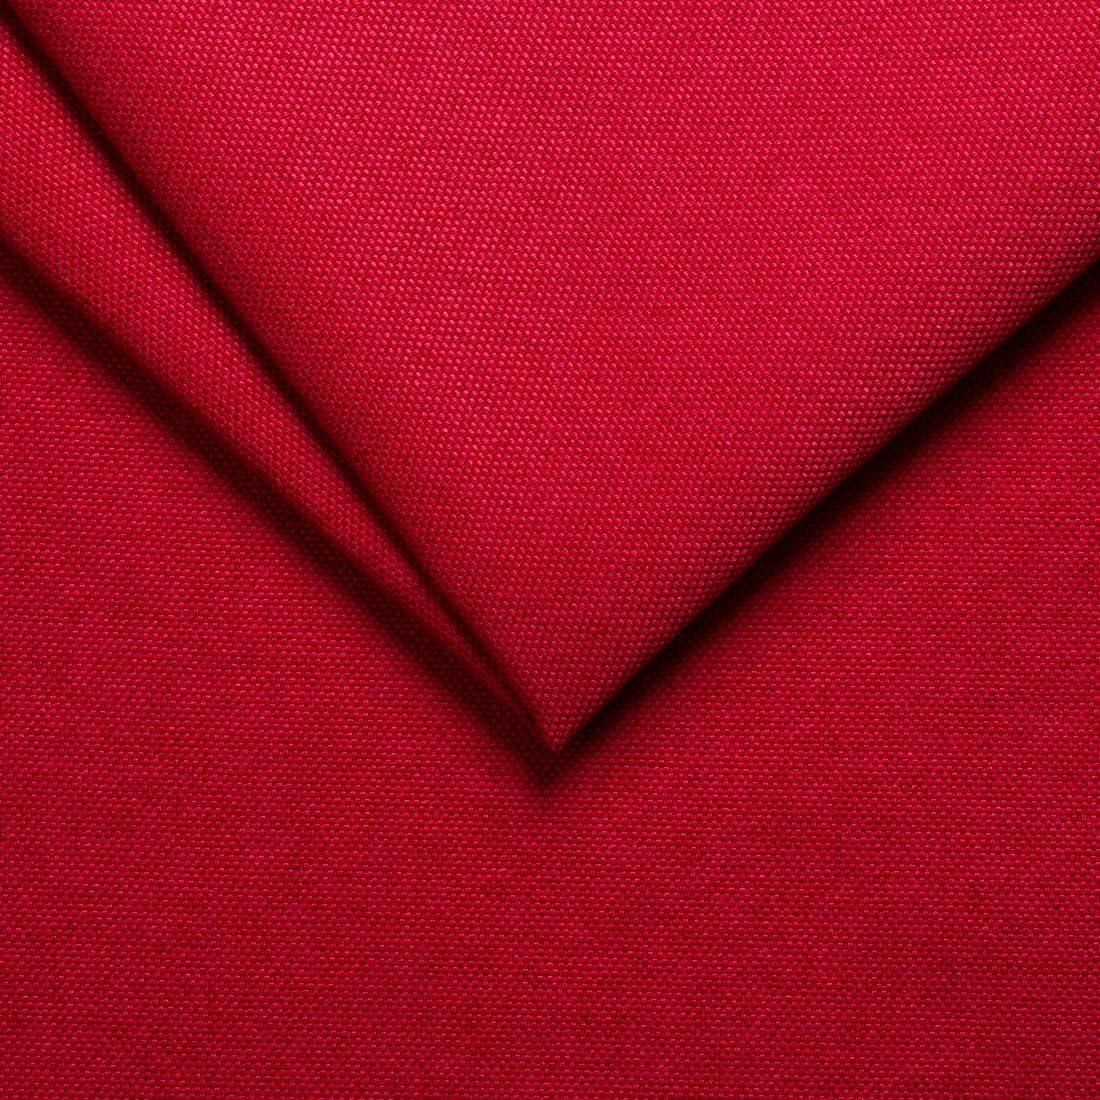 4 Pcs Lot de Coussins de Chaise Ronde Cuisine Salon Jardin avec Housse galette de chaise d/éhoussable coussin decoratif deco galette pour Siege bistrot chaise exterieur interieur Rouge 45x45 cm